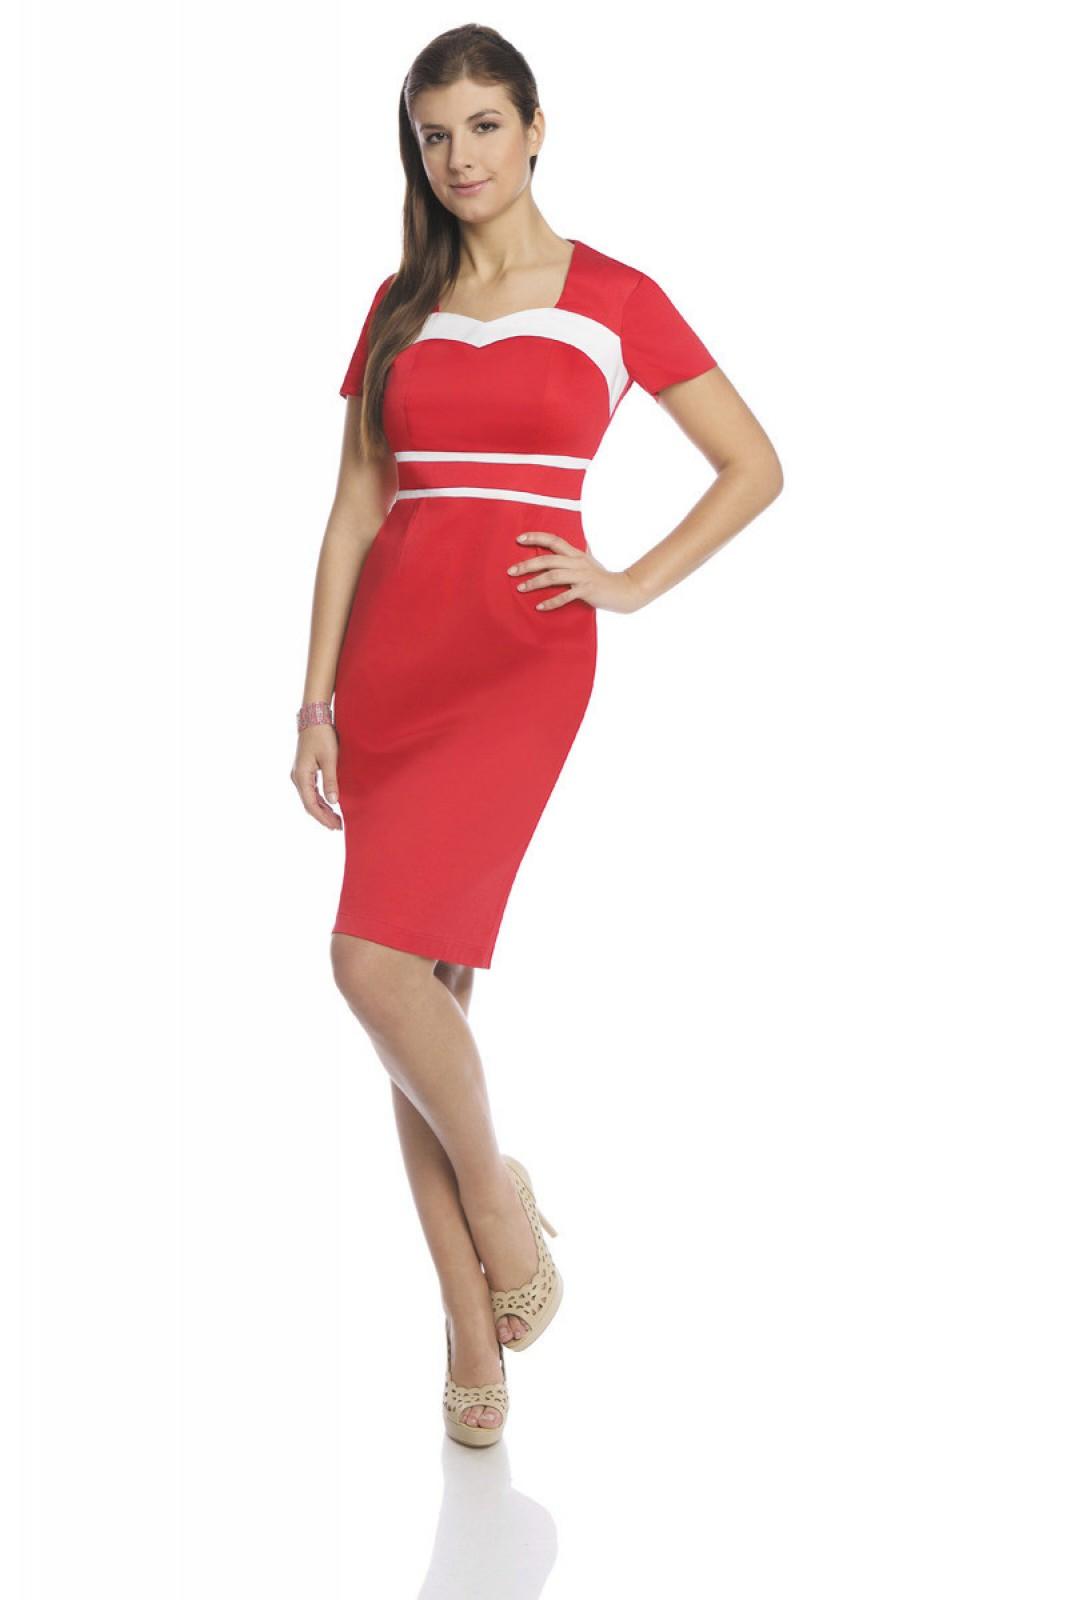 Zweifarbiges Business Kleid rot weiß bei kleider-boutique.de - ...